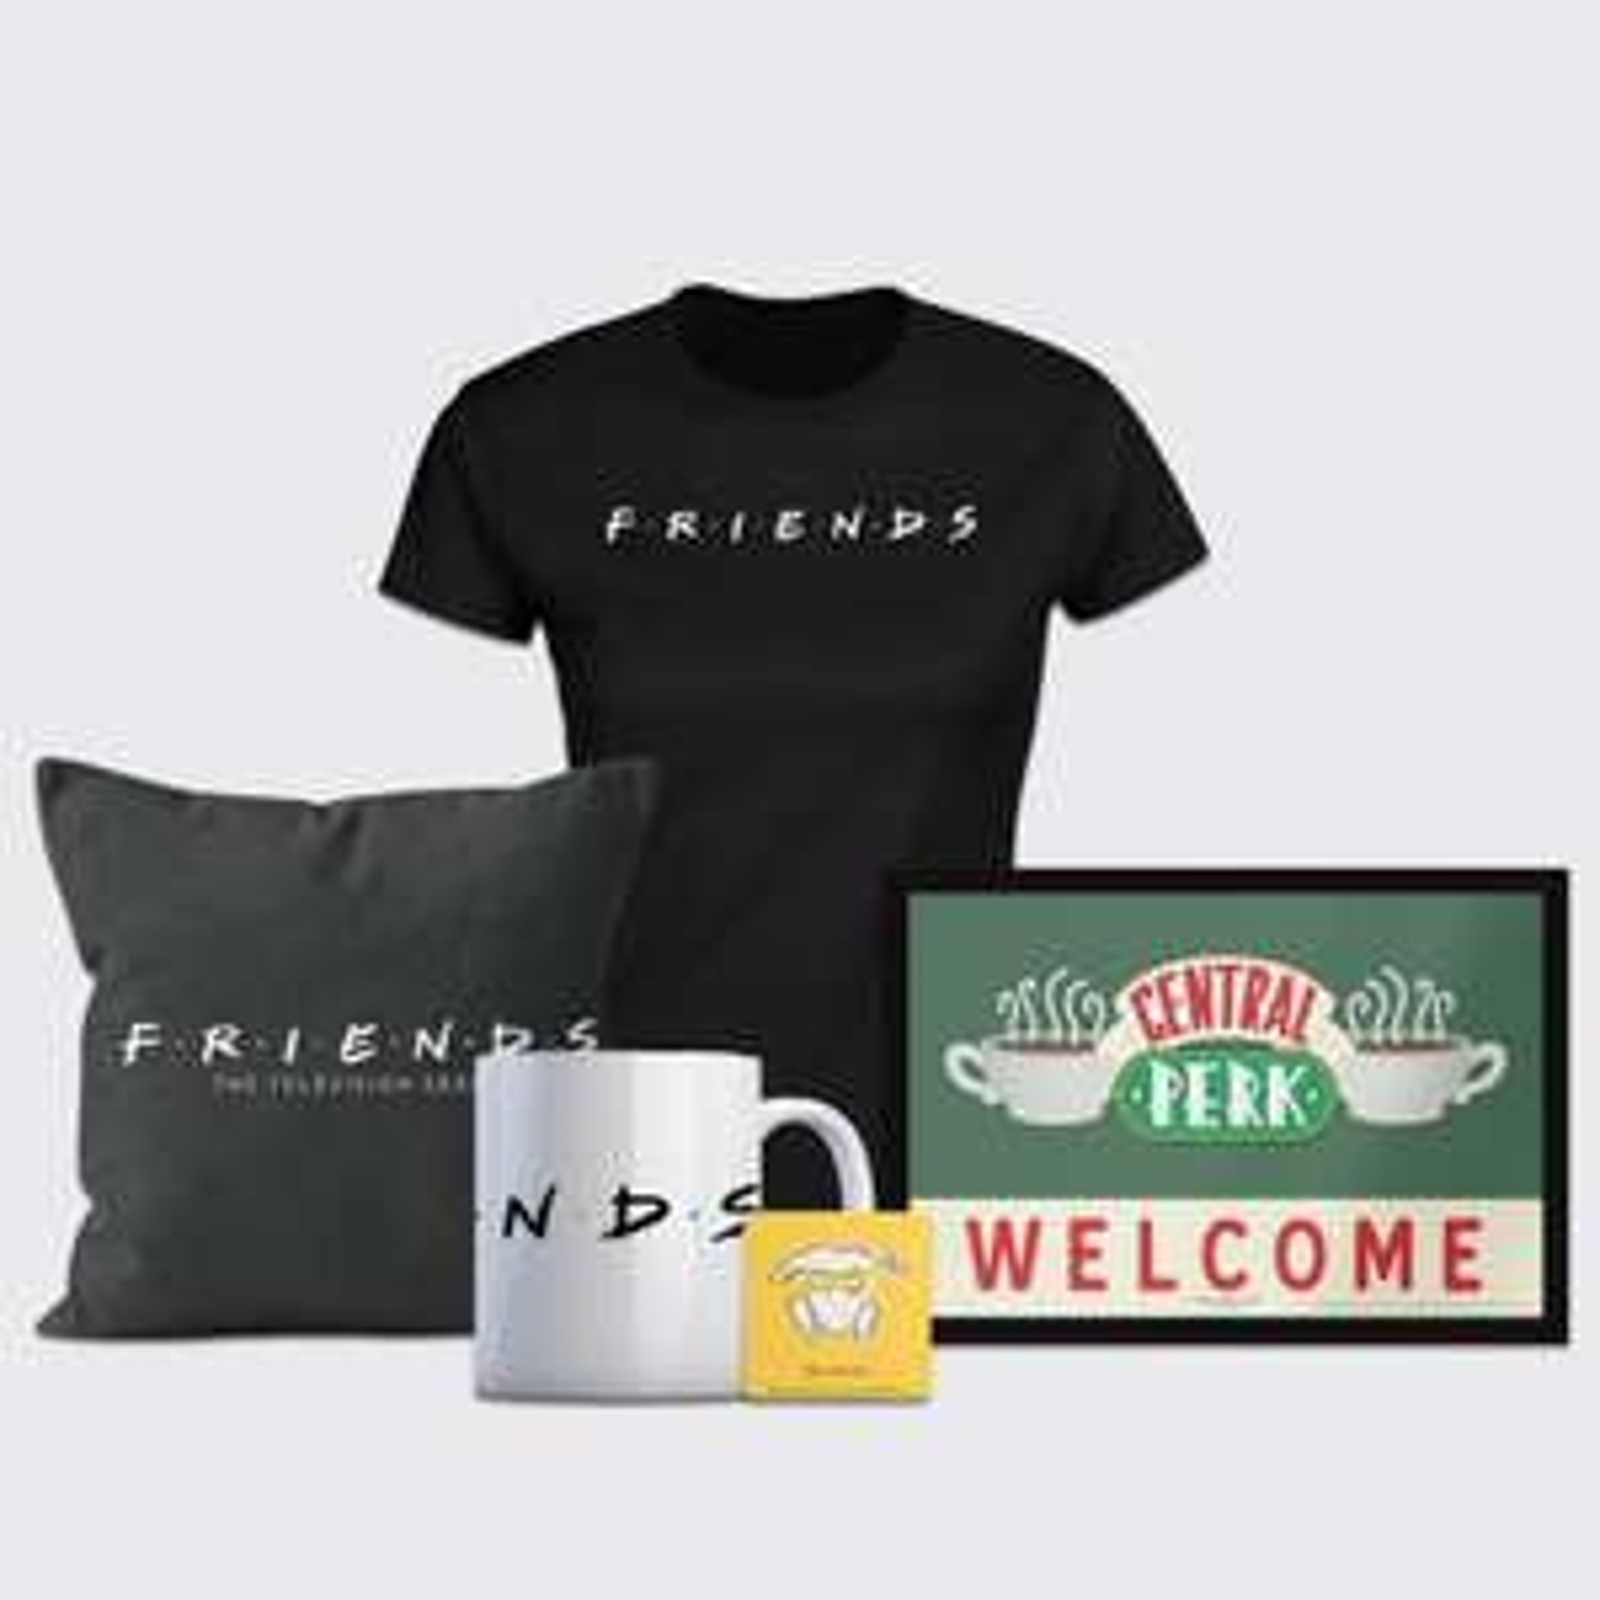 Großes Friends-Bundle bestehend aus: T-Shirt (Gr. S - 5XL), Kissen, Tasse, Untersetzter und Fußmatte